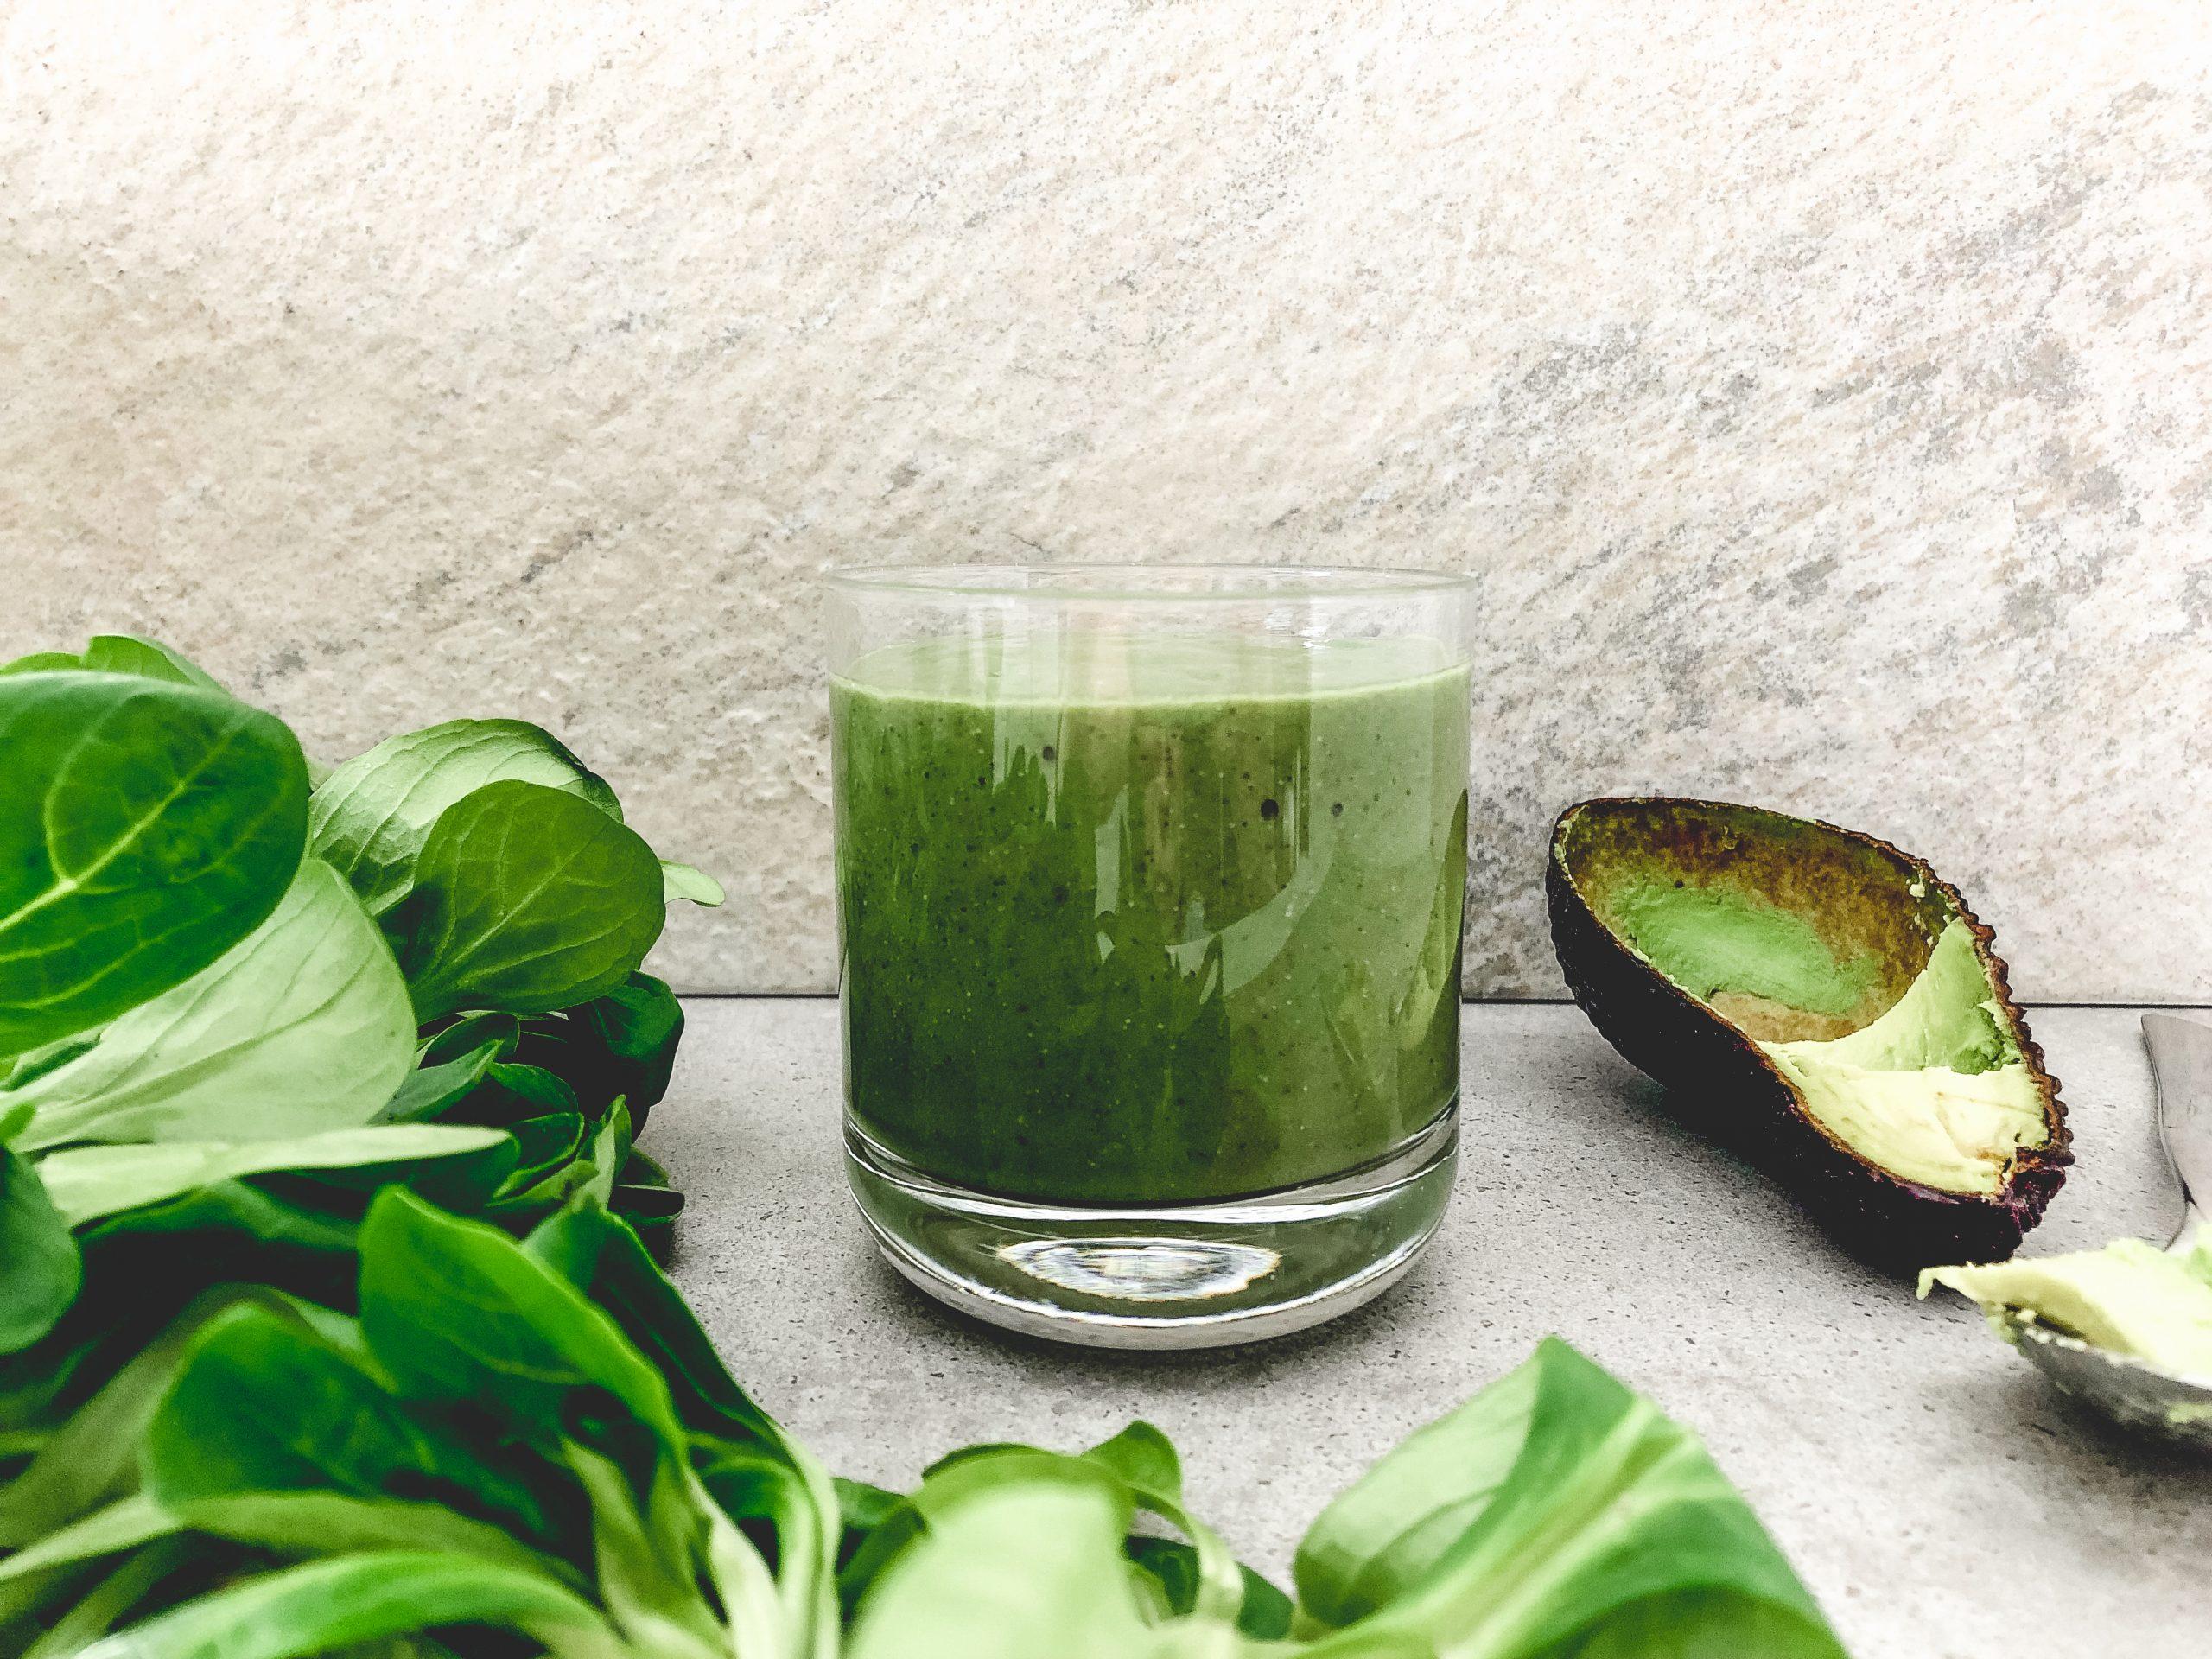 Verdauungsprobleme durch grüne Smoothies